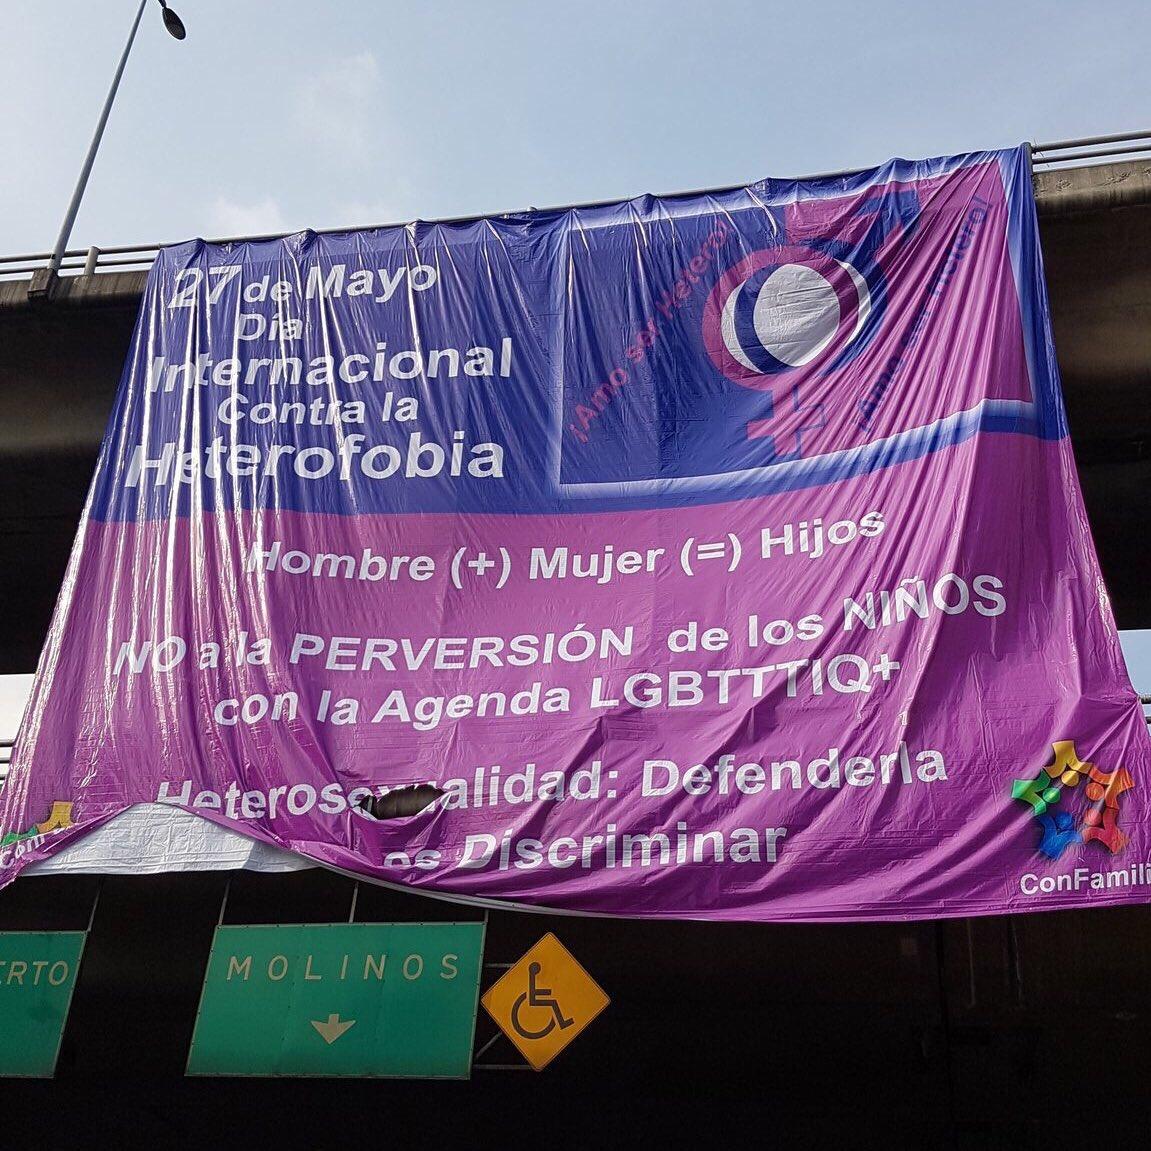 Lucha contra la homofobia, lesbofobia, bifobia